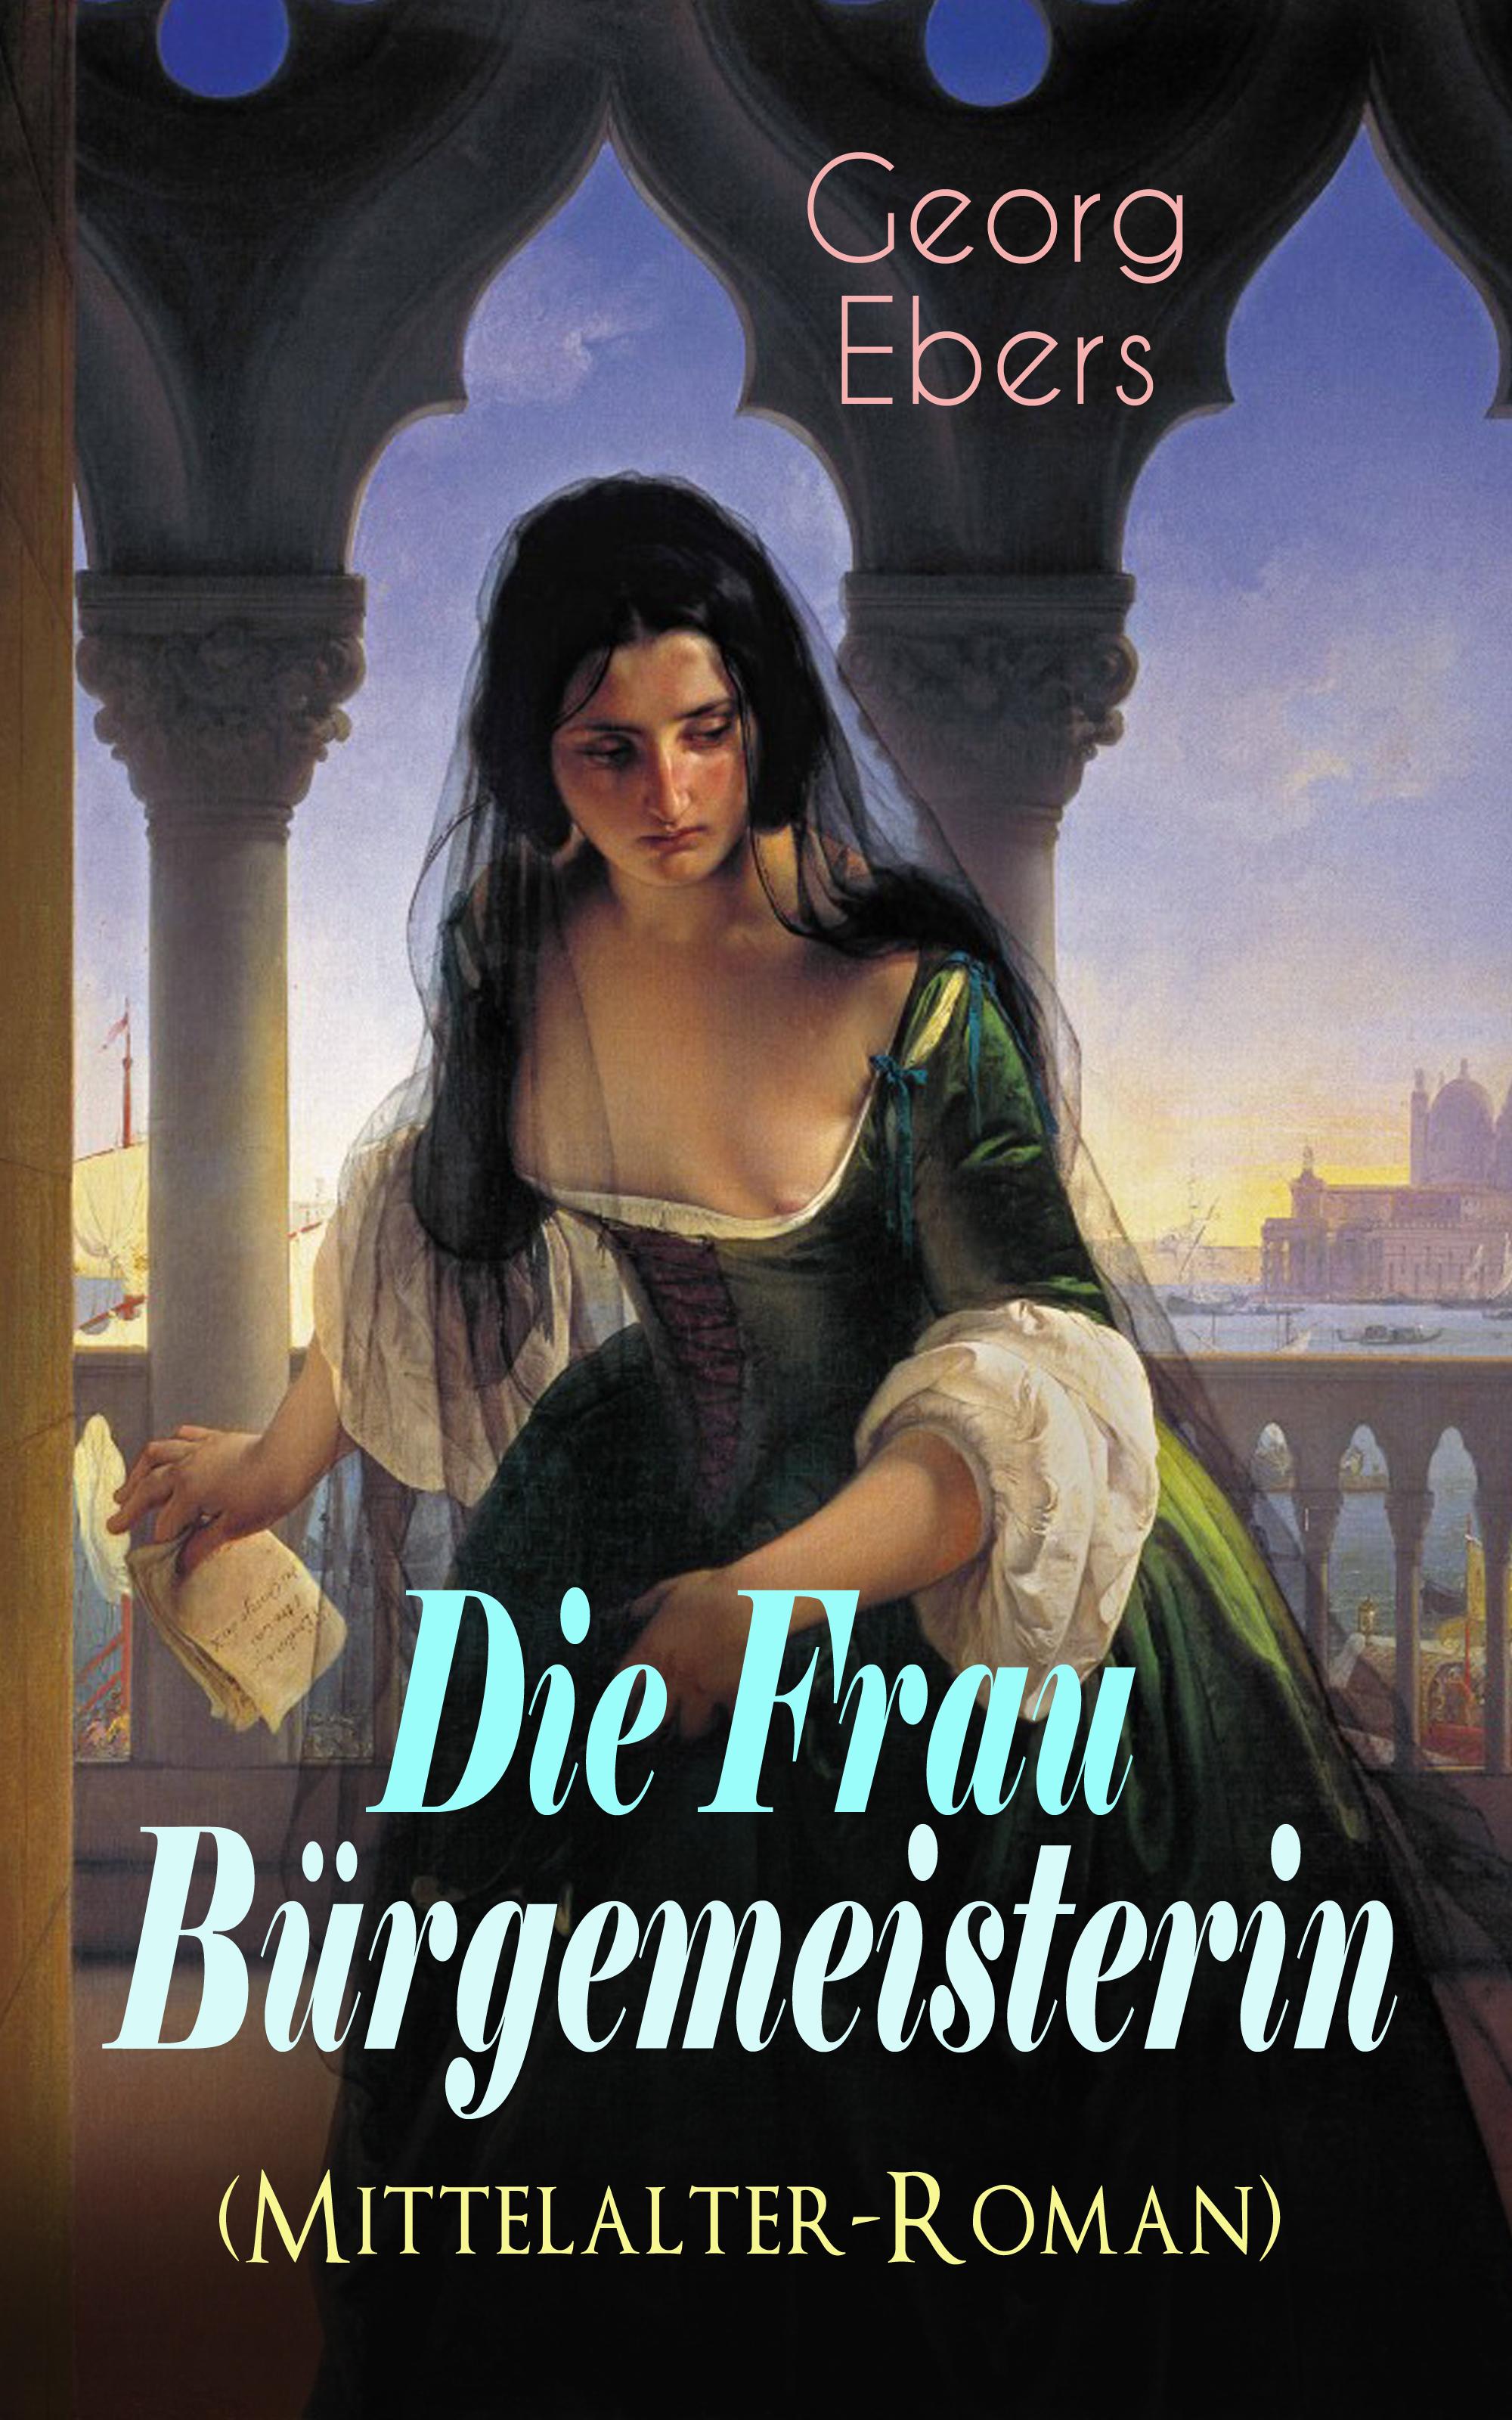 цена Georg Ebers Die Frau Bürgemeisterin (Mittelalter-Roman) онлайн в 2017 году